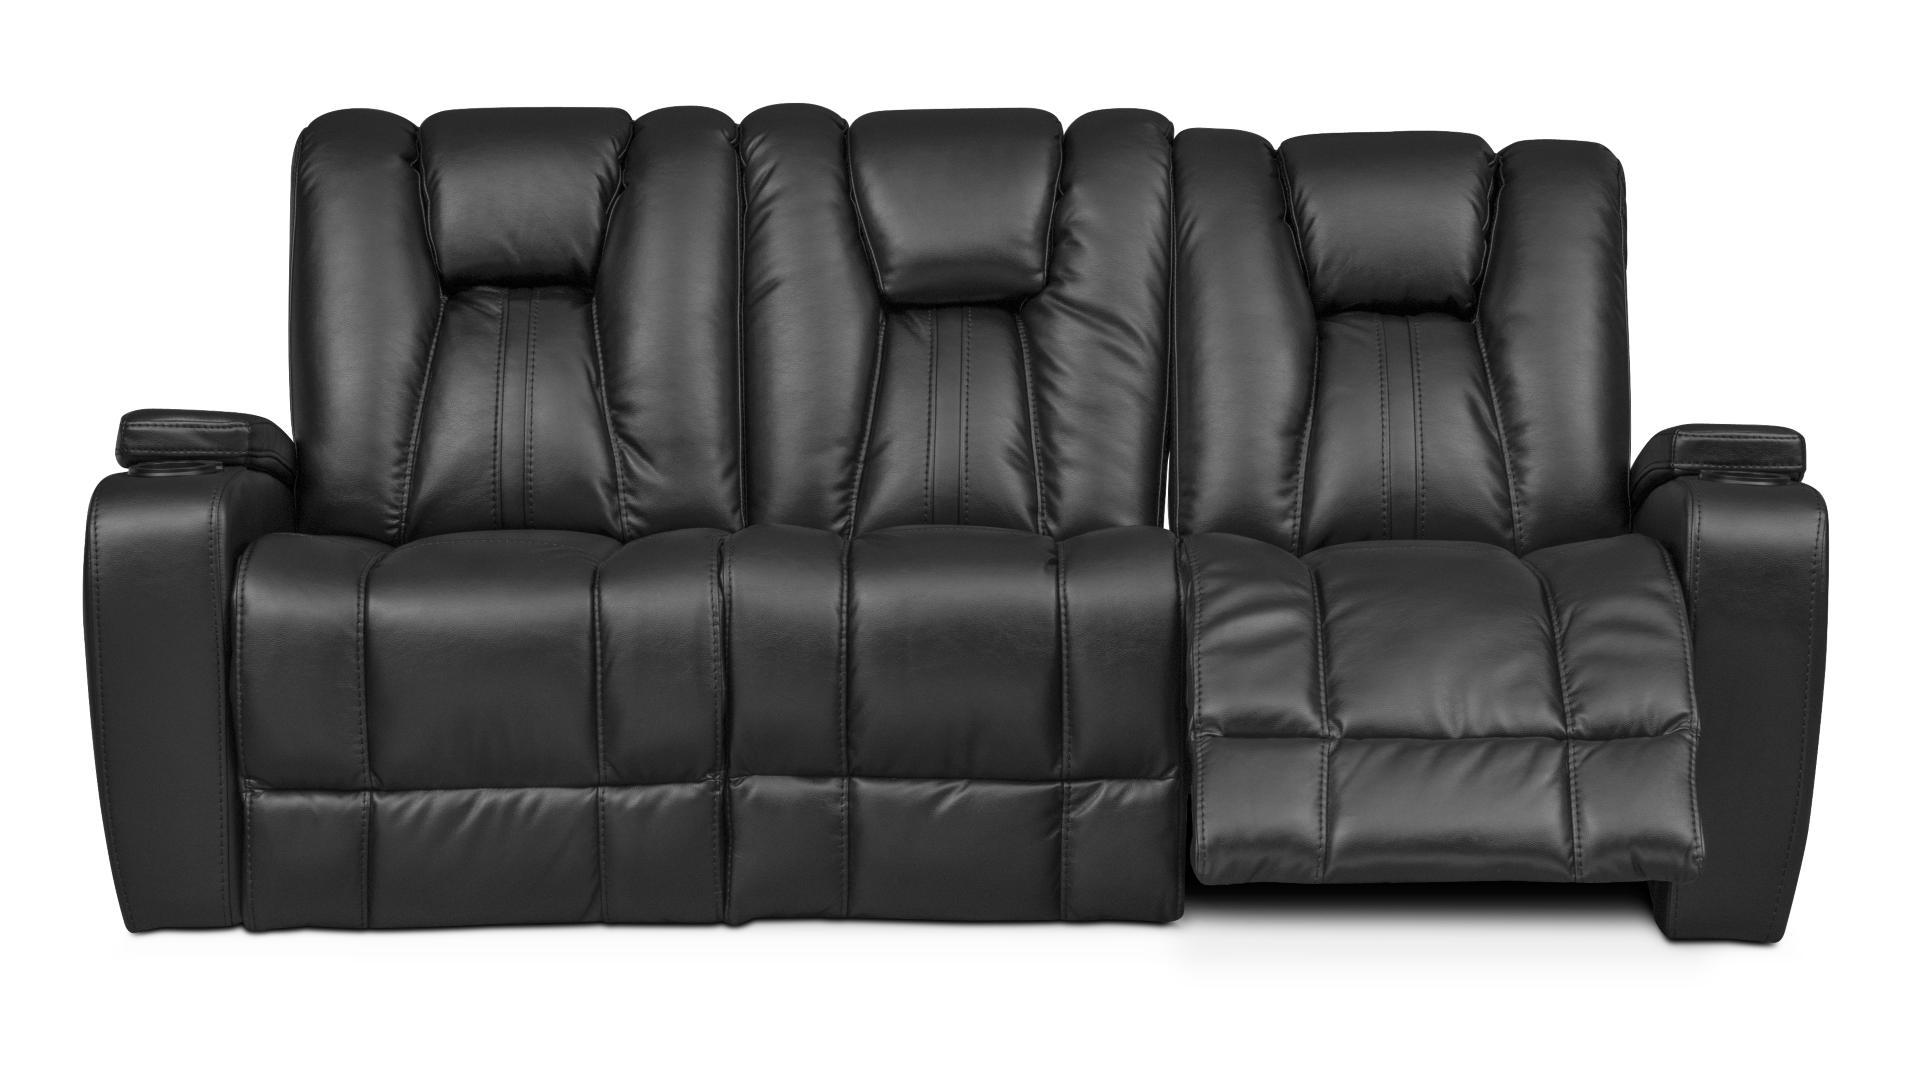 Pulsar Dual Power Reclining Sofa   Black